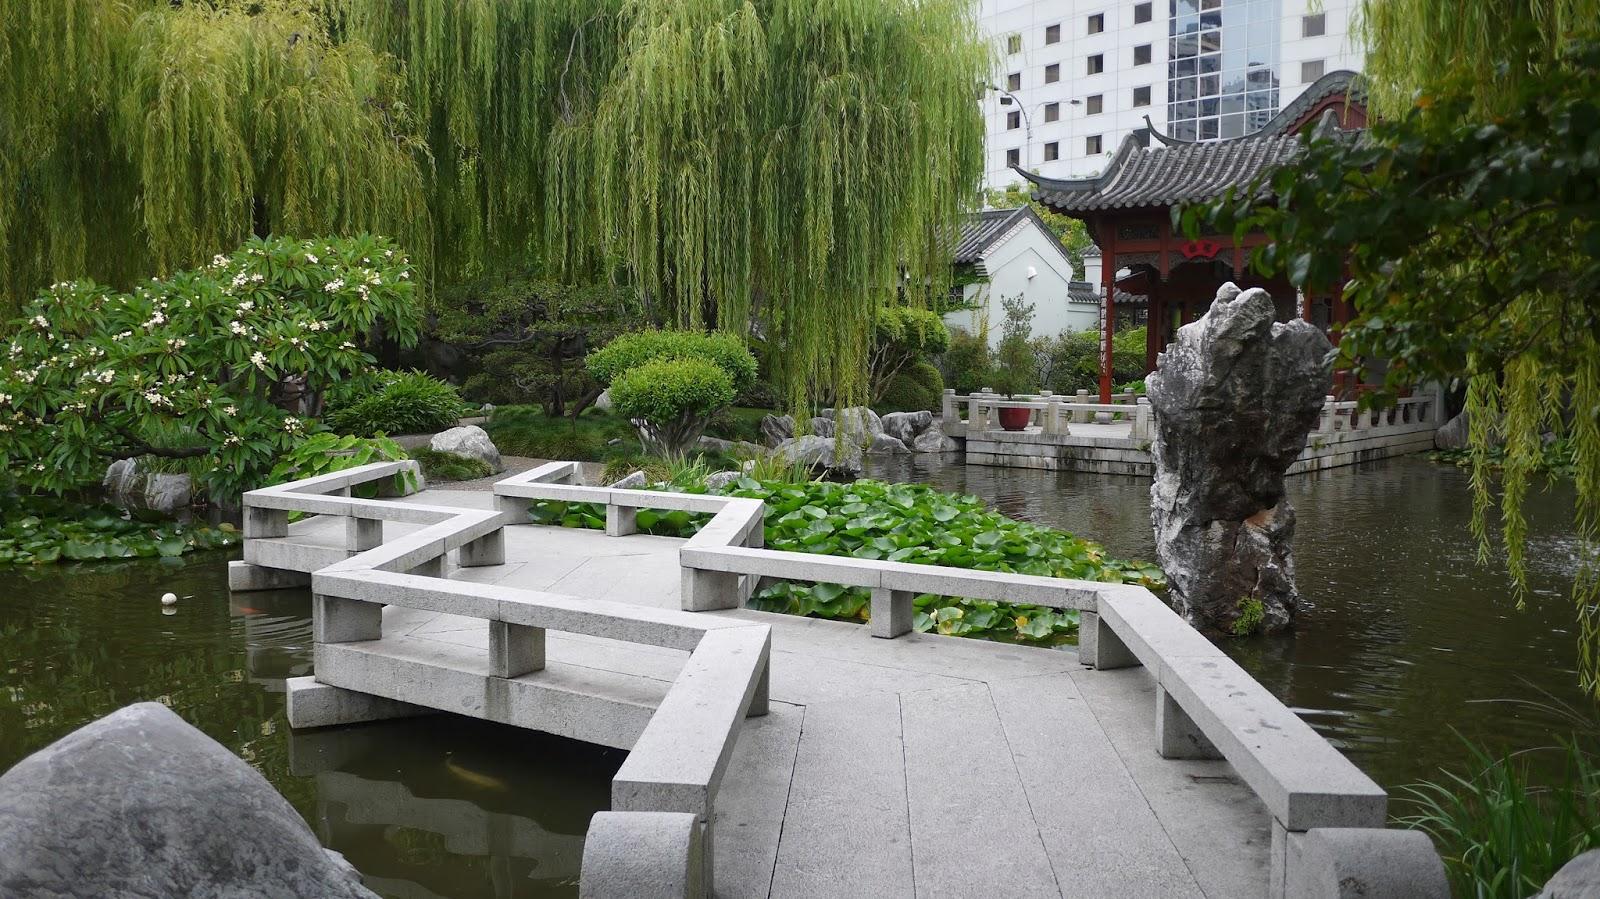 Chinese Friendship Gardens Sydney